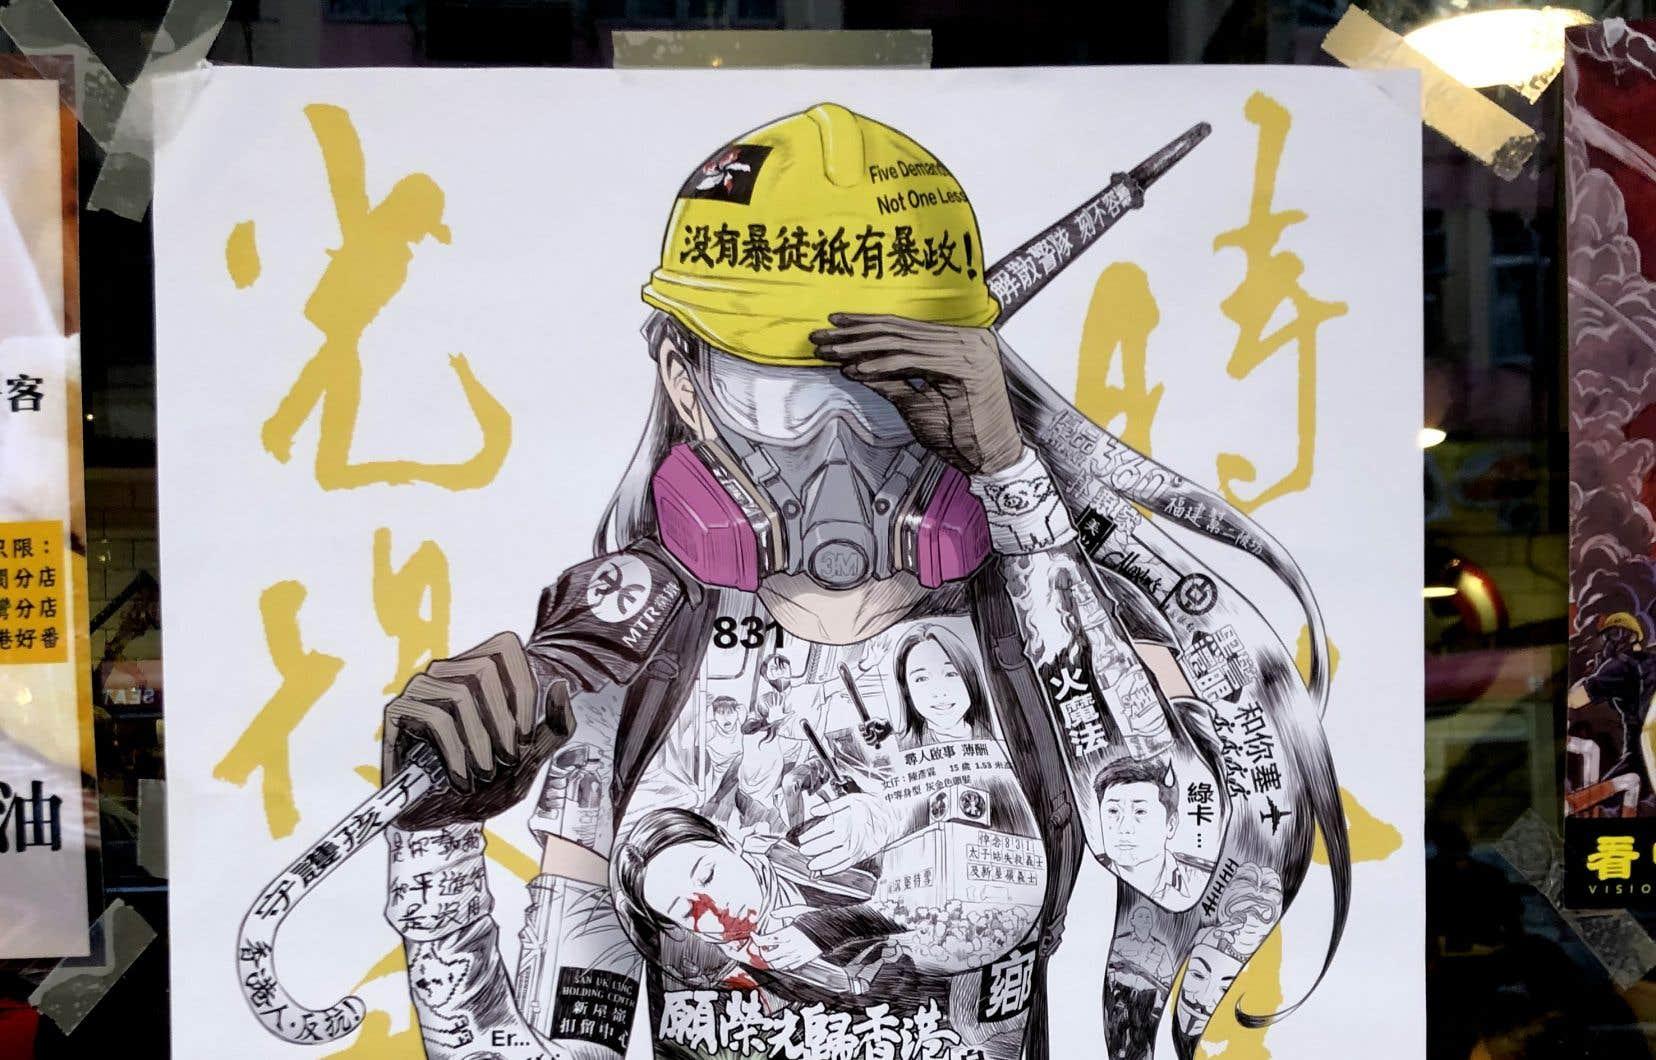 Une des plus célèbres affichettes de Kai Lan Egg se retrouve un peu partout en ville. Elle montre une manifestante filiforme, portant casque, masque à gaz et parapluie.